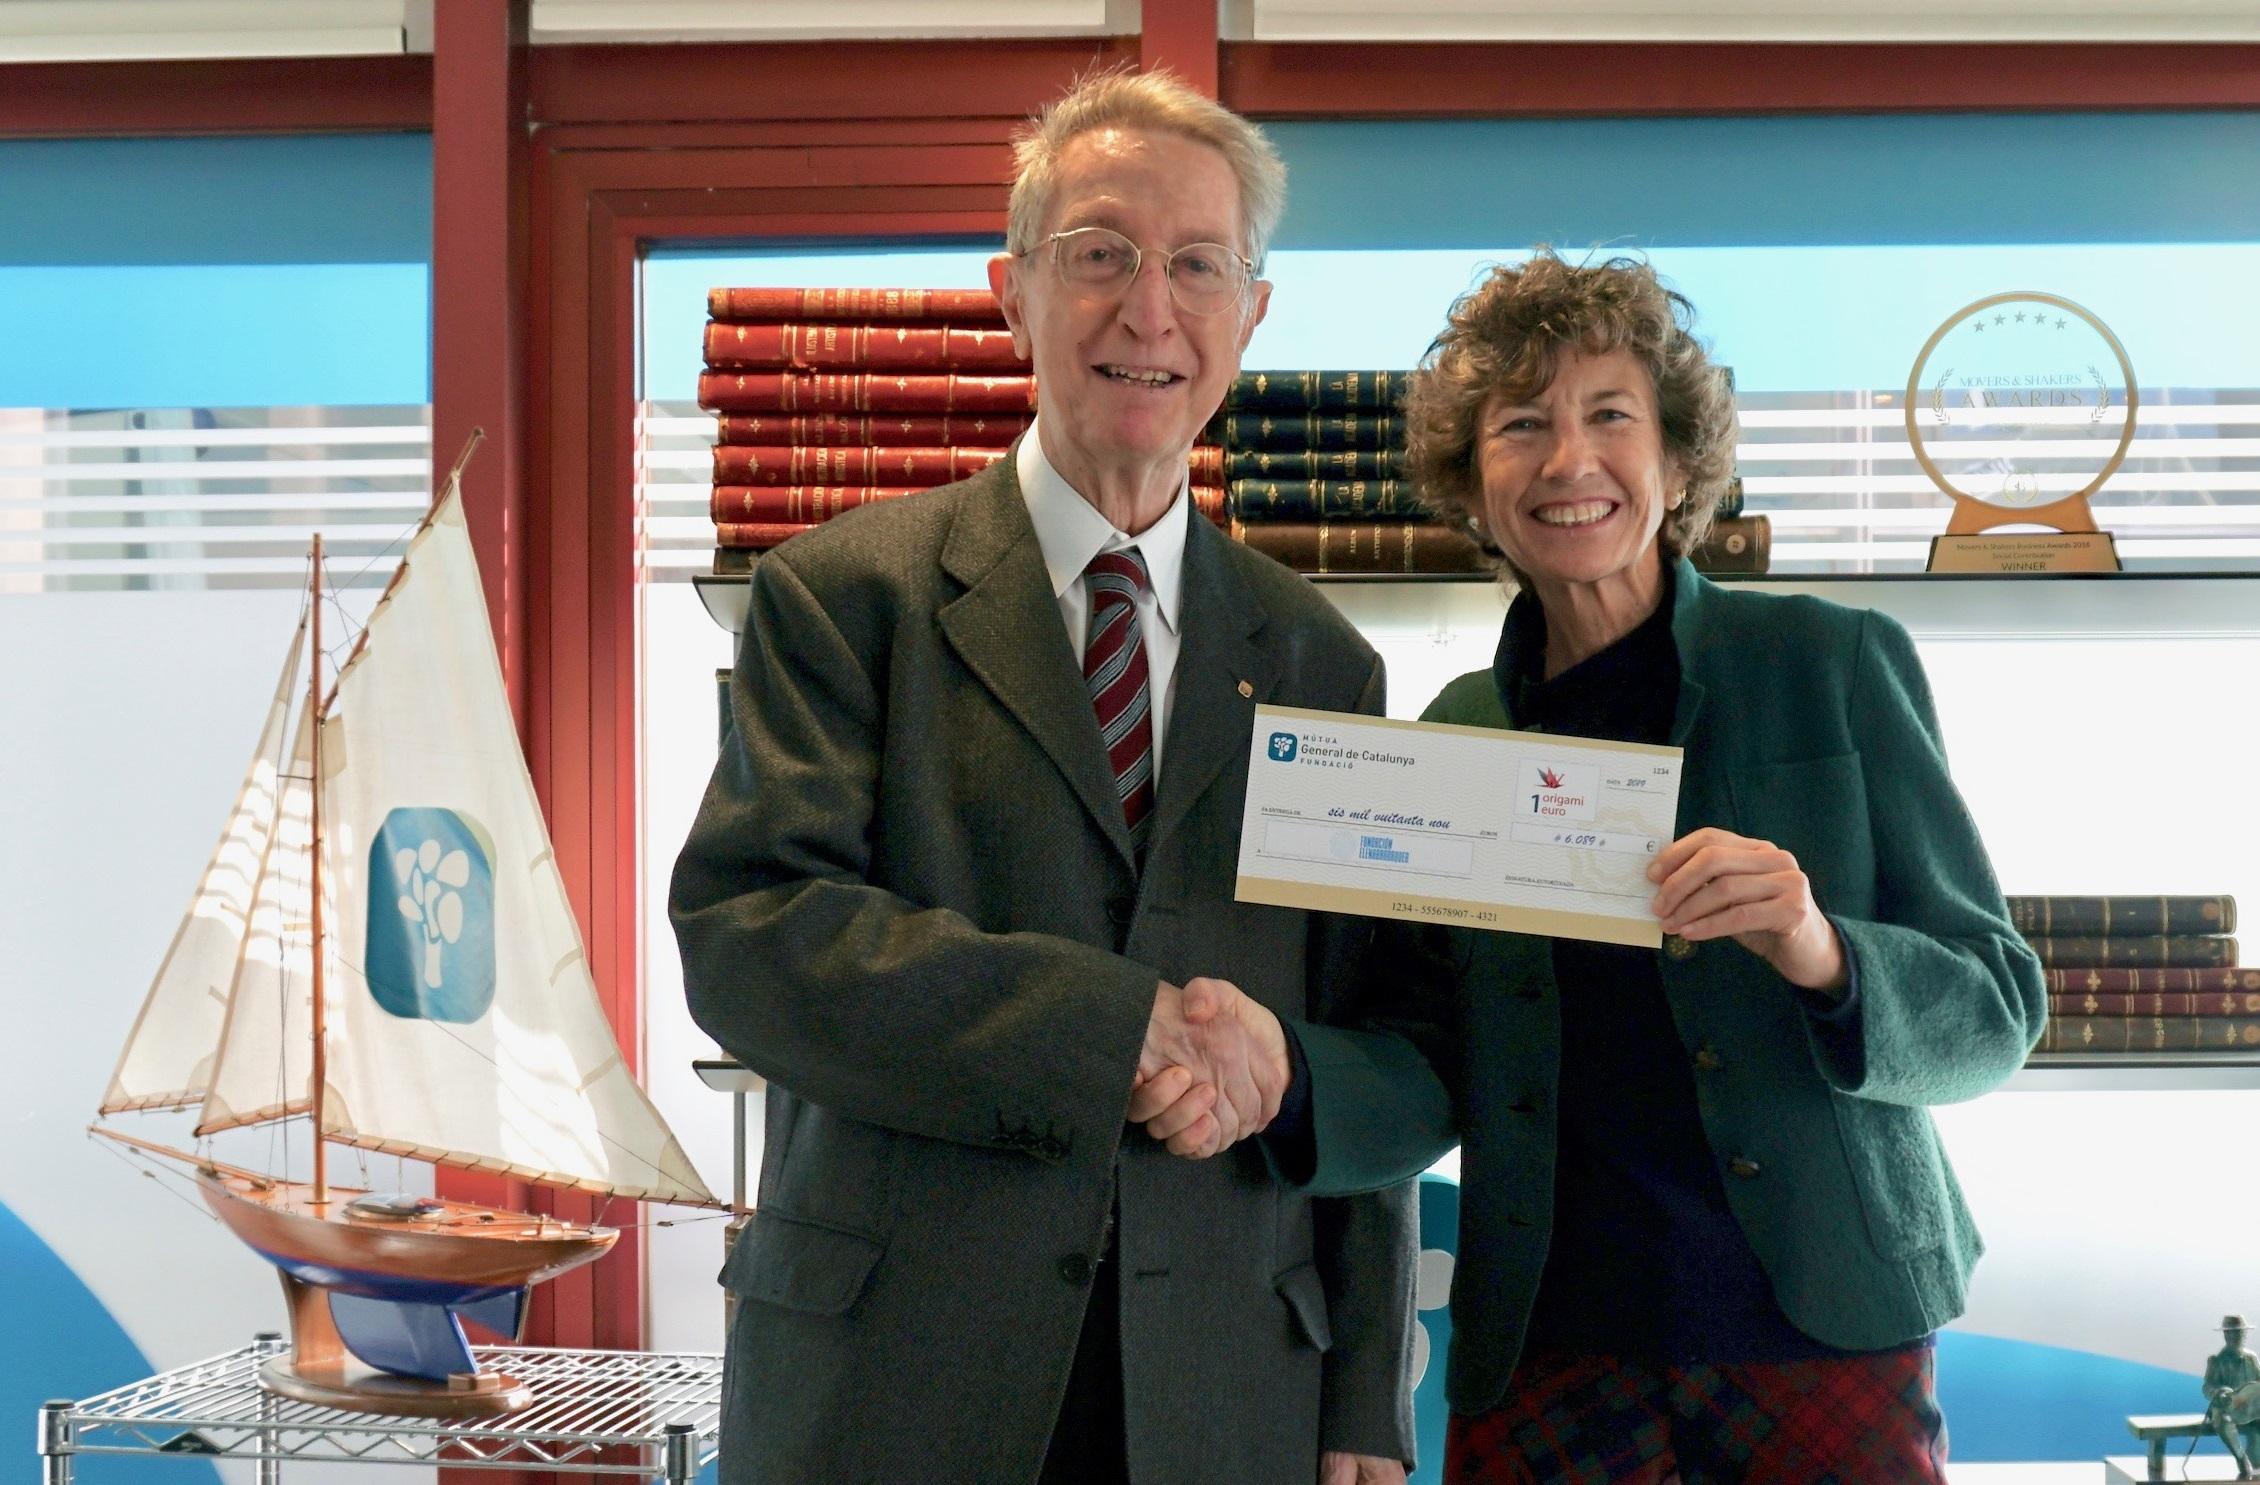 Fundació Onada y Fundación Elena Barraquer reciben las donaciones económicas de 1 origami 1 euro